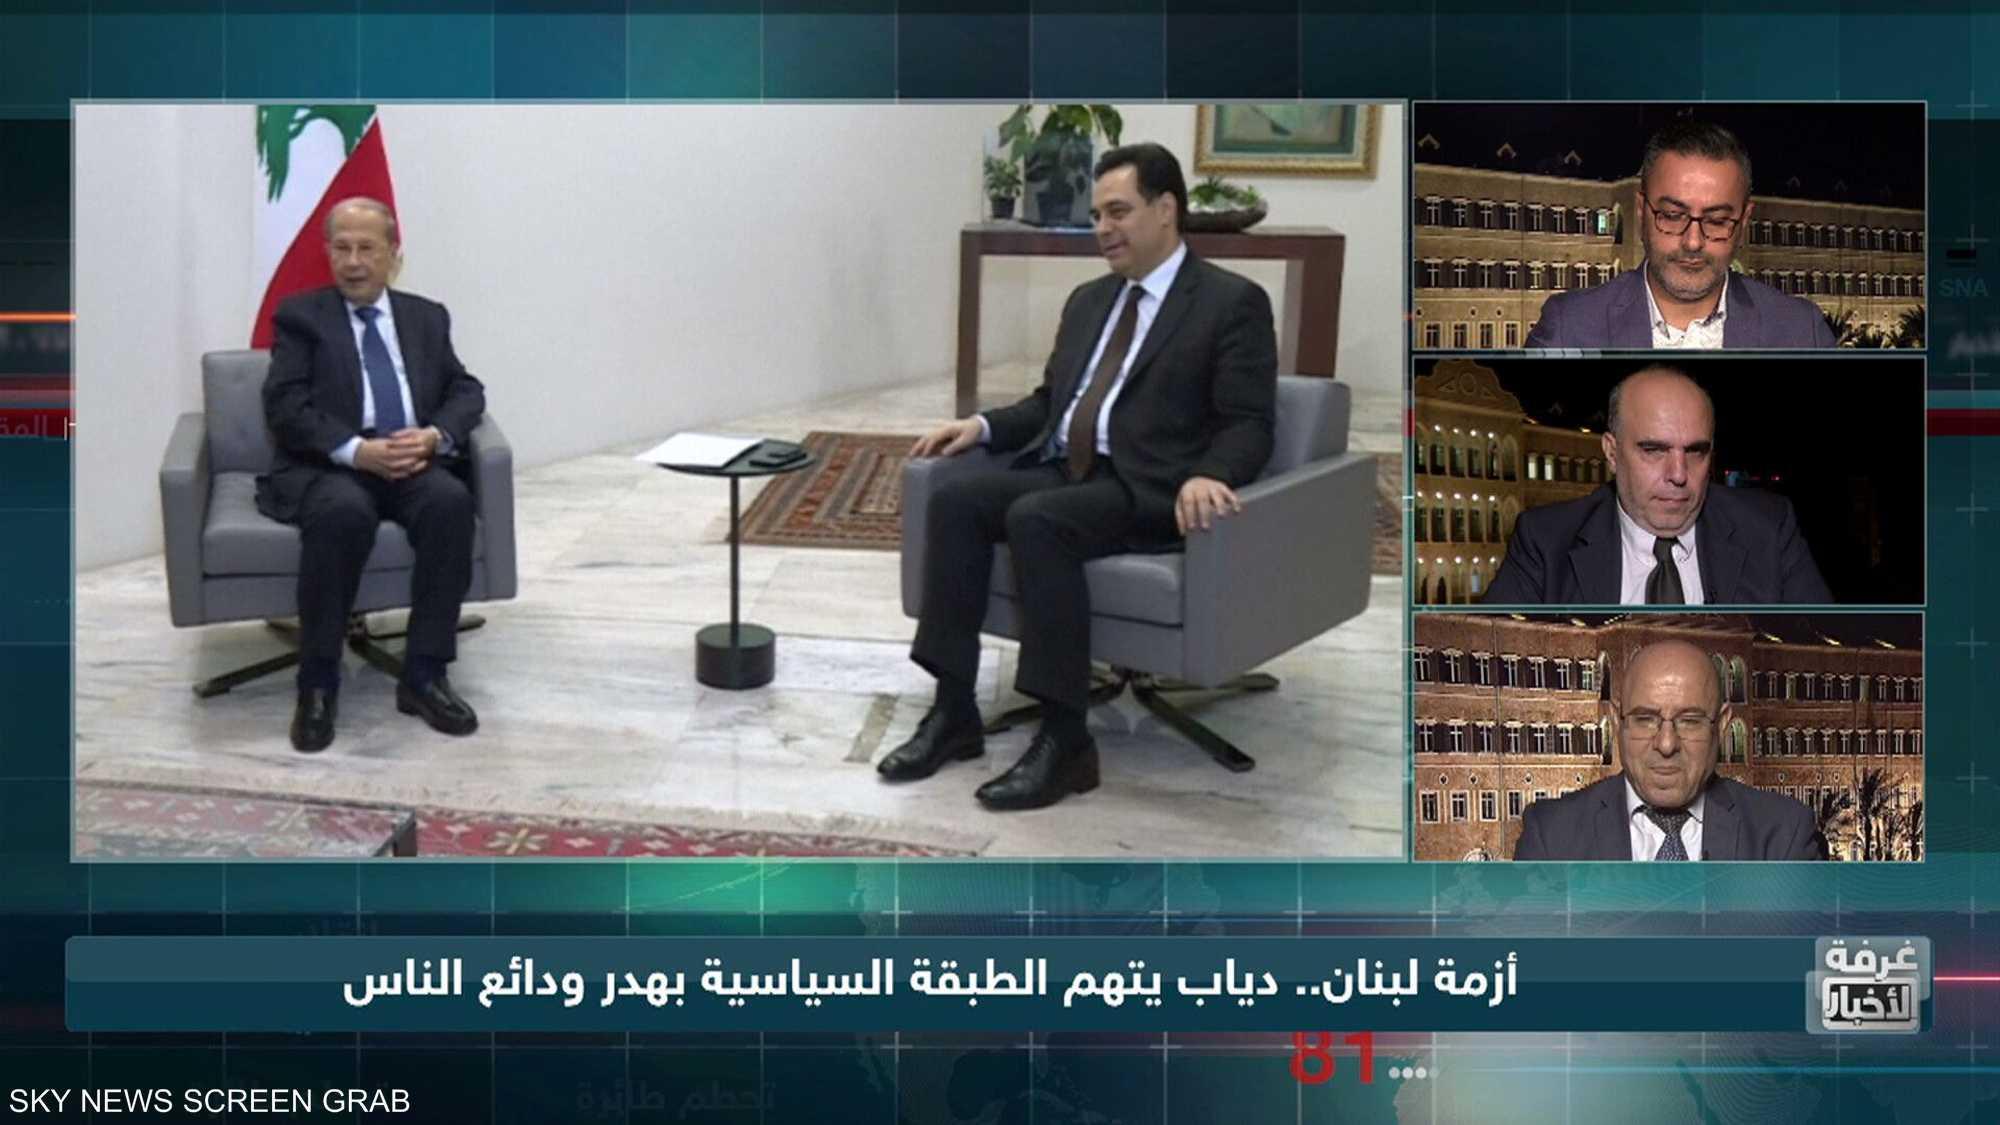 لبنان في أزمة.. وشارع يسقط الحكومة